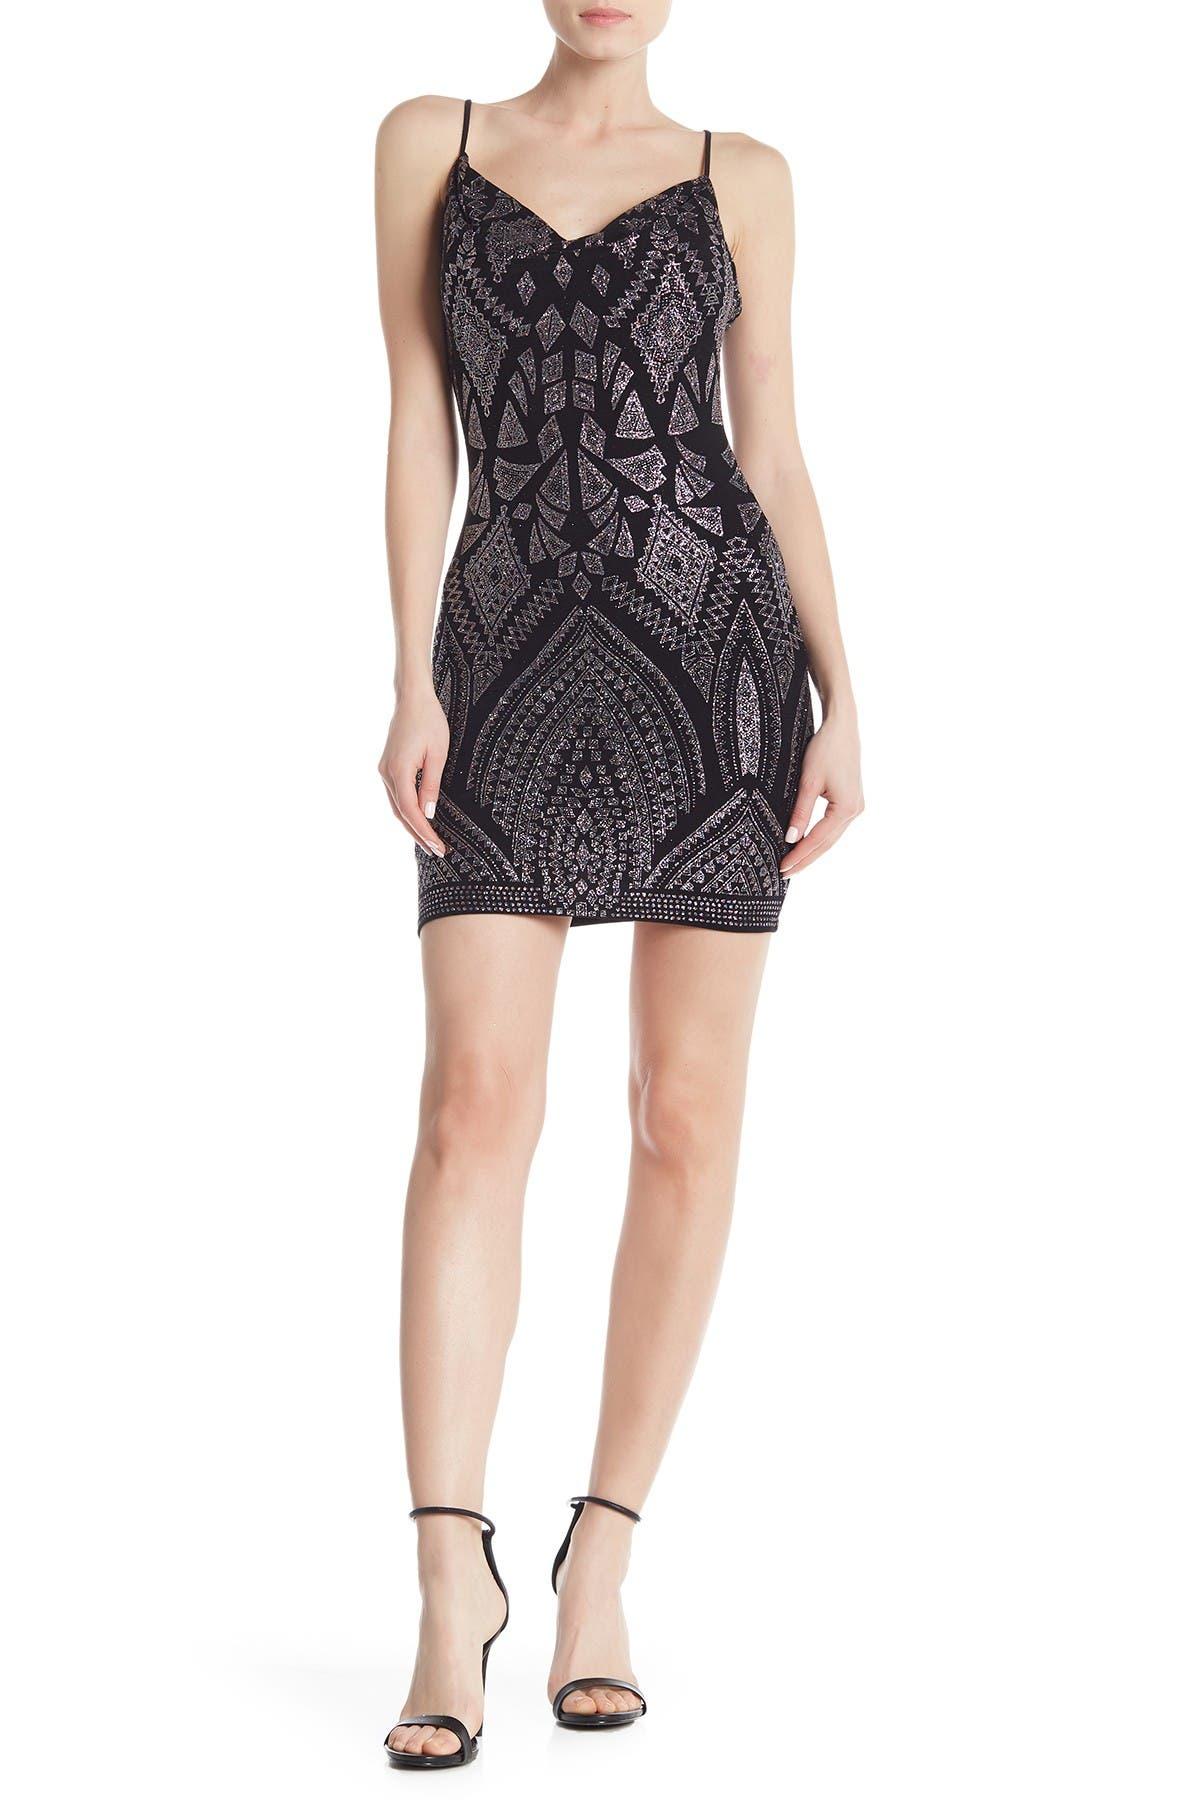 Image of JUMP Cowl Neck Glitter Slinky Slip Dress